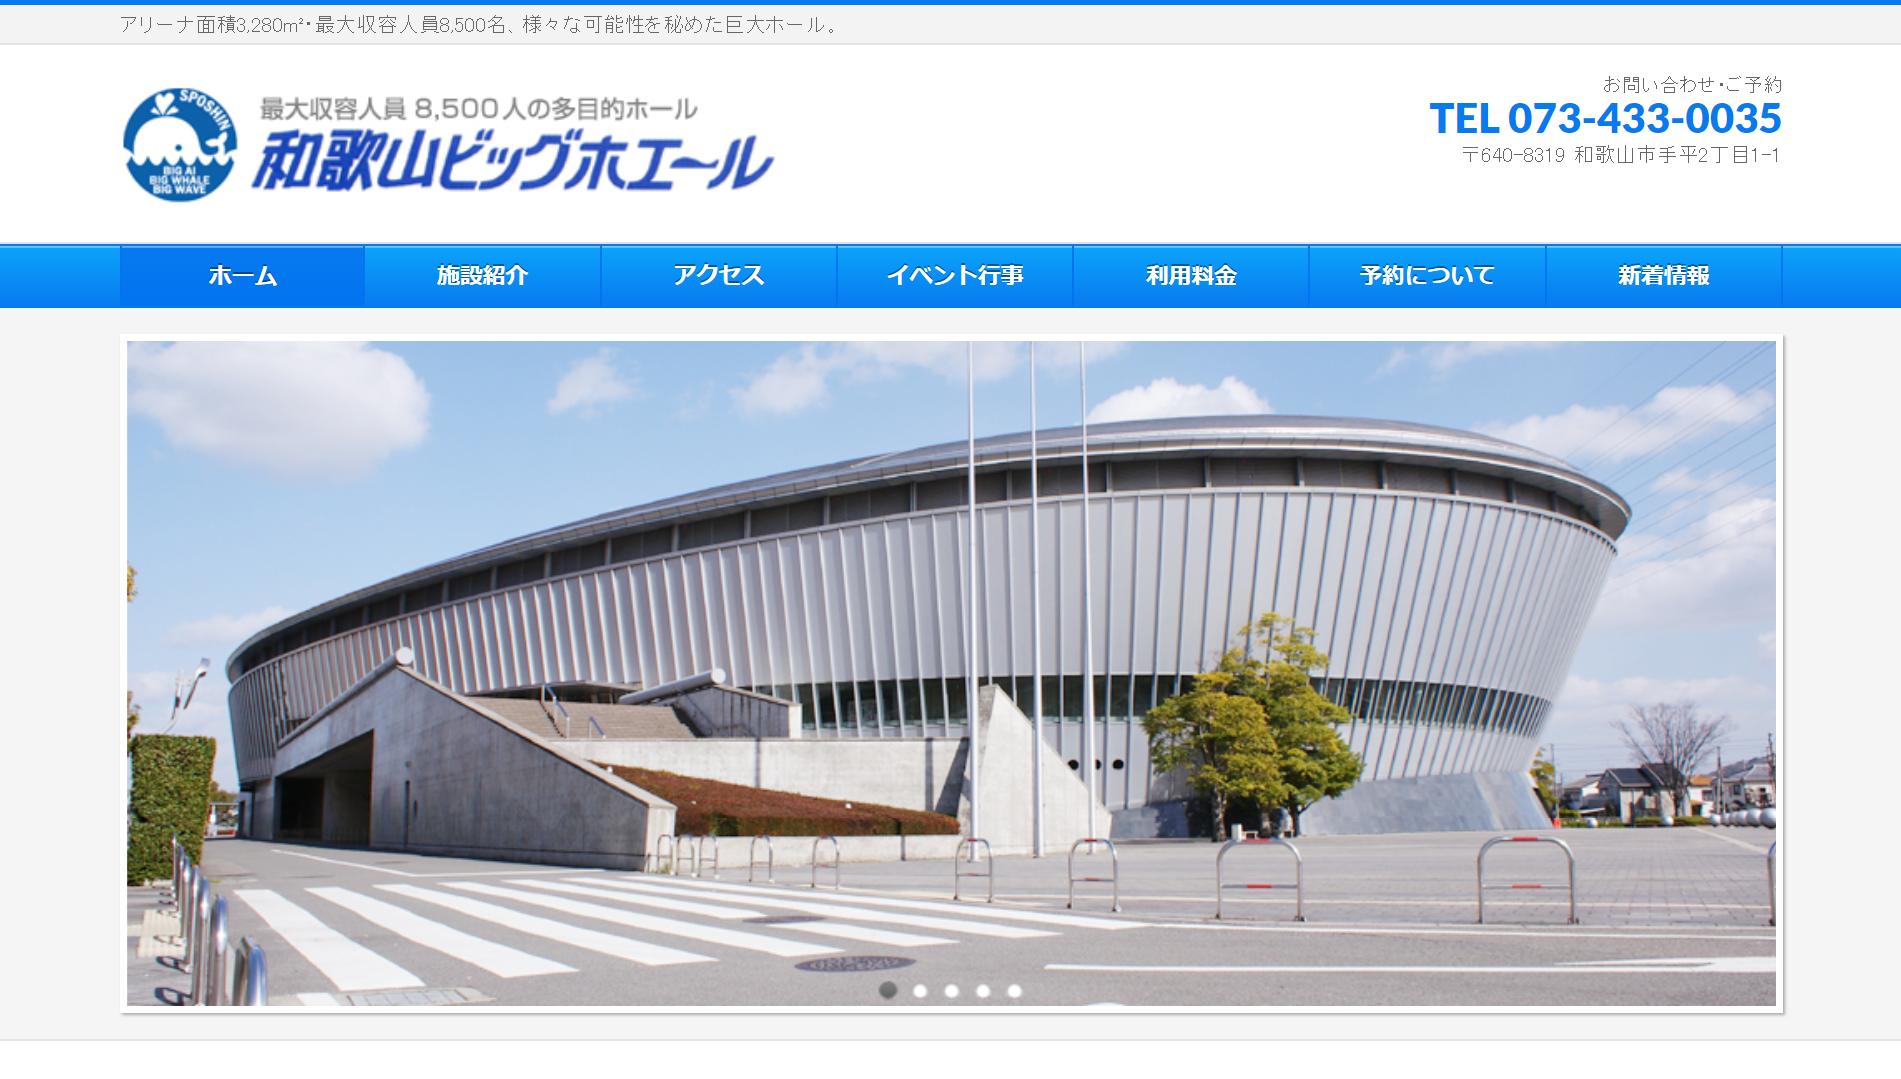 和歌山ビッグホエールの座席表と会場情報